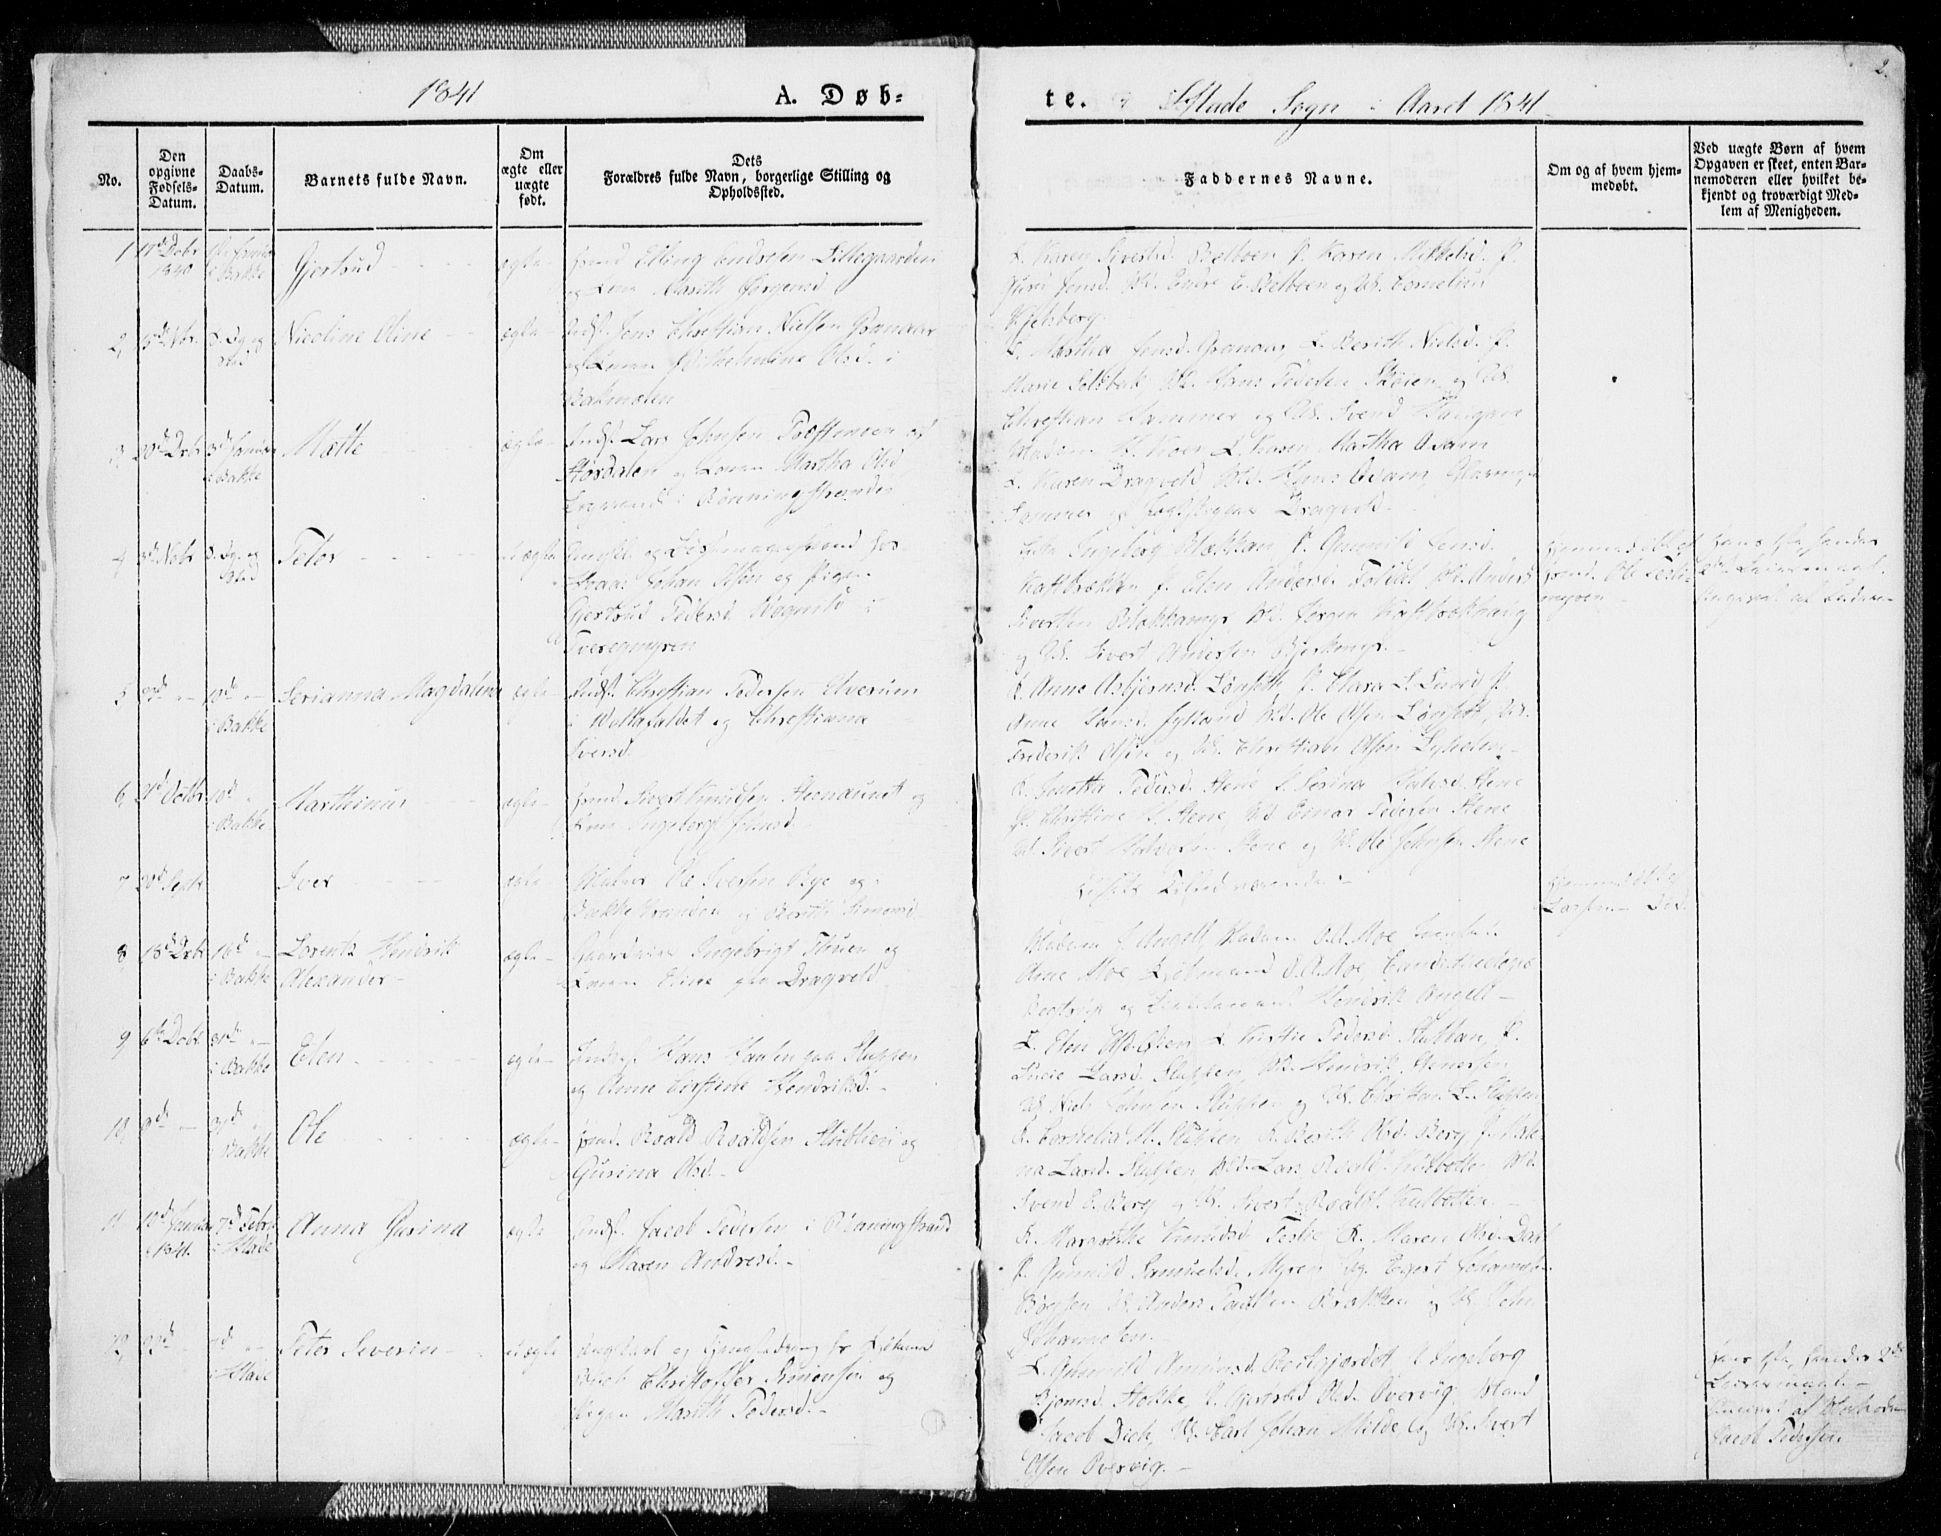 SAT, Ministerialprotokoller, klokkerbøker og fødselsregistre - Sør-Trøndelag, 606/L0290: Ministerialbok nr. 606A05, 1841-1847, s. 2